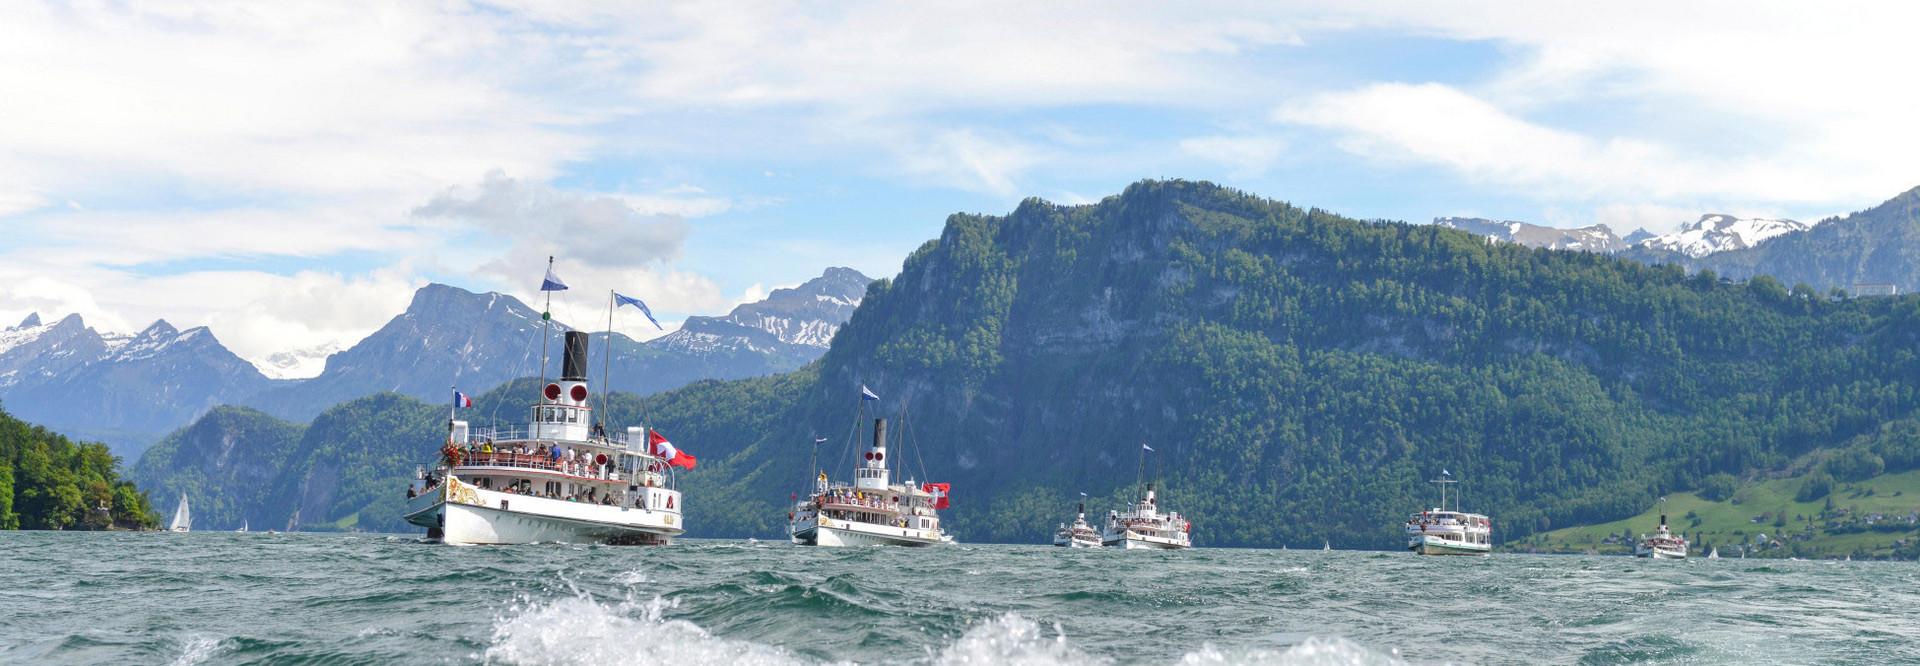 [Translate to French:] Dampfschiffe während einer Fahrt auf dem welligen Vierwaldstättersee.